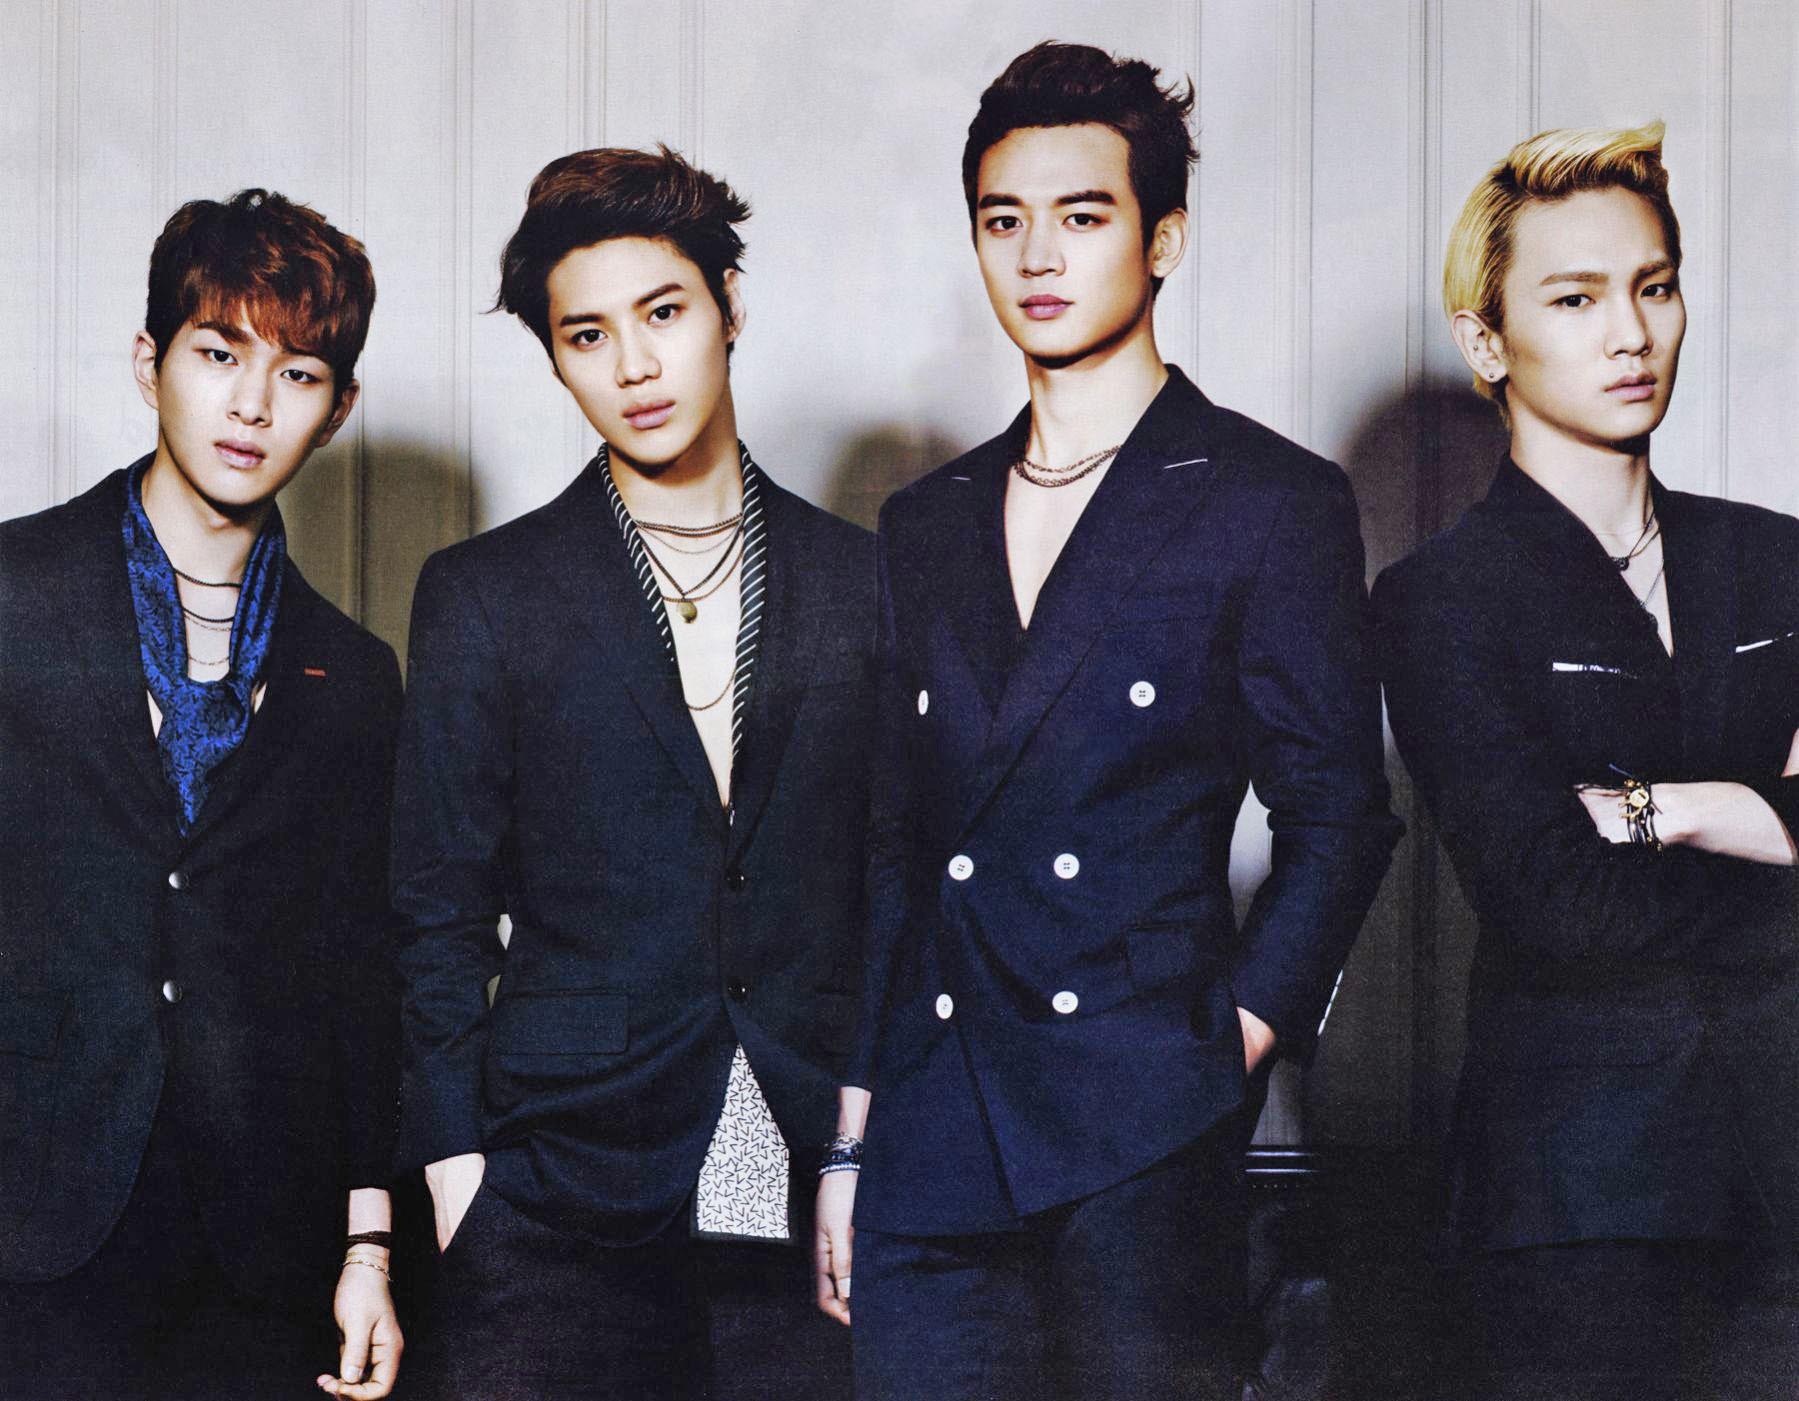 Đường đua Kpop tháng 5: BTS được hóng nhất, nhóm mới, nhóm cũ thi nhau lên sàn - Ảnh 10.